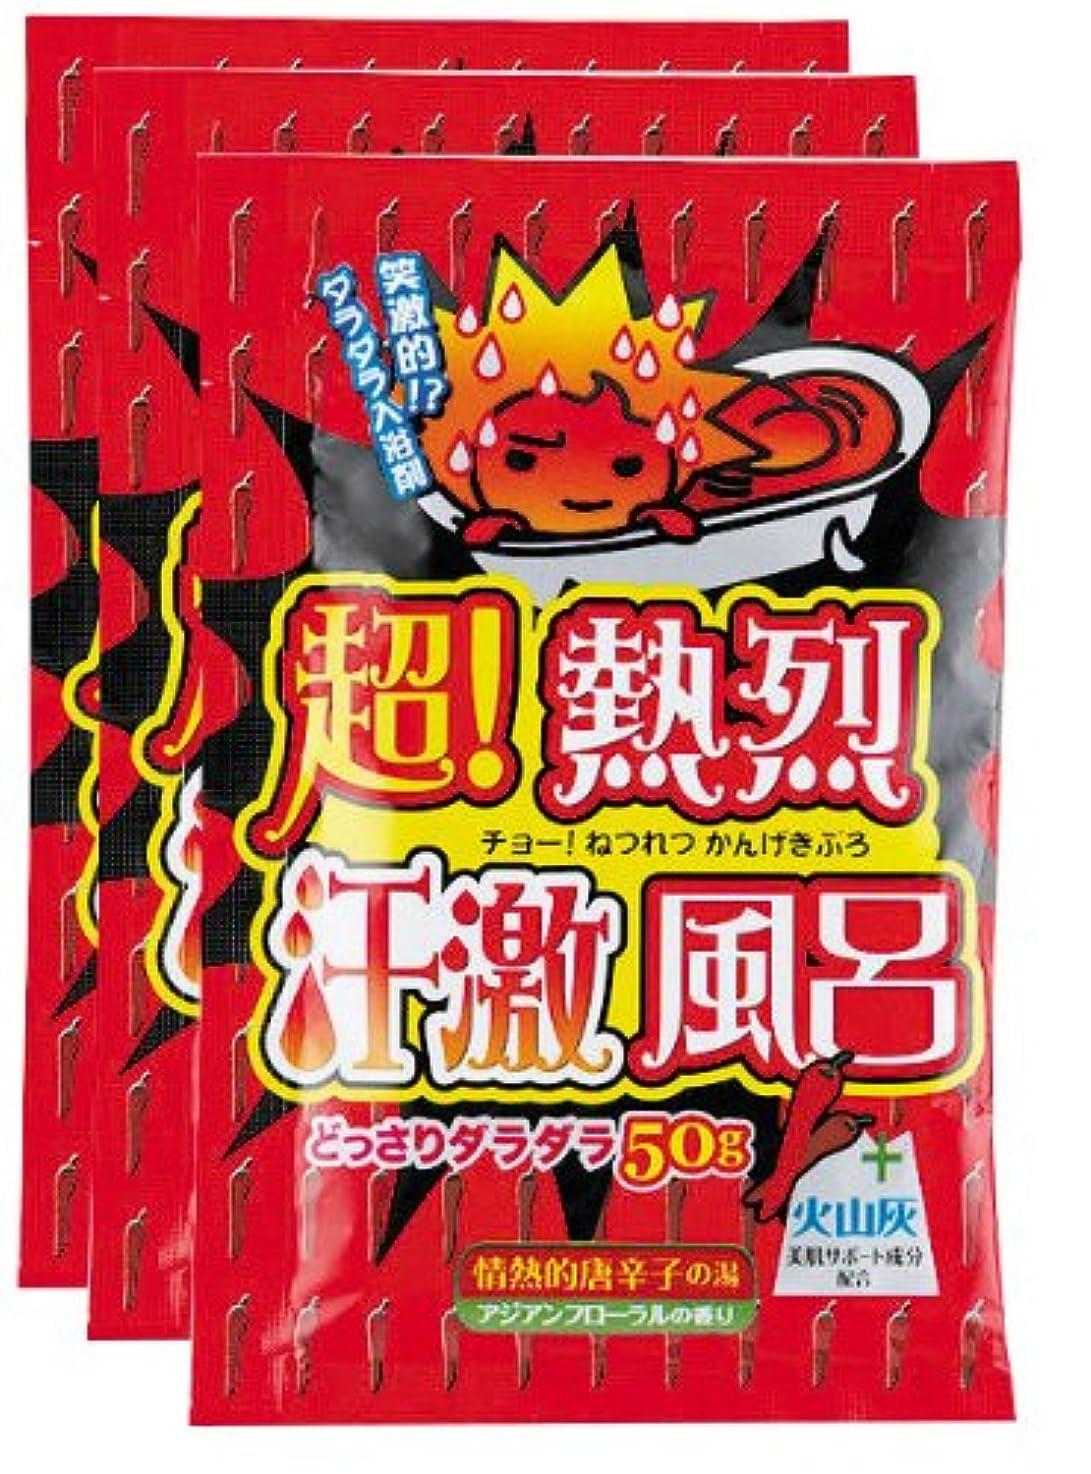 効率ブレス閉塞紀陽除虫菊 『入浴剤 まとめ買い』 超熱烈 汗激風呂 火山灰 3包セット